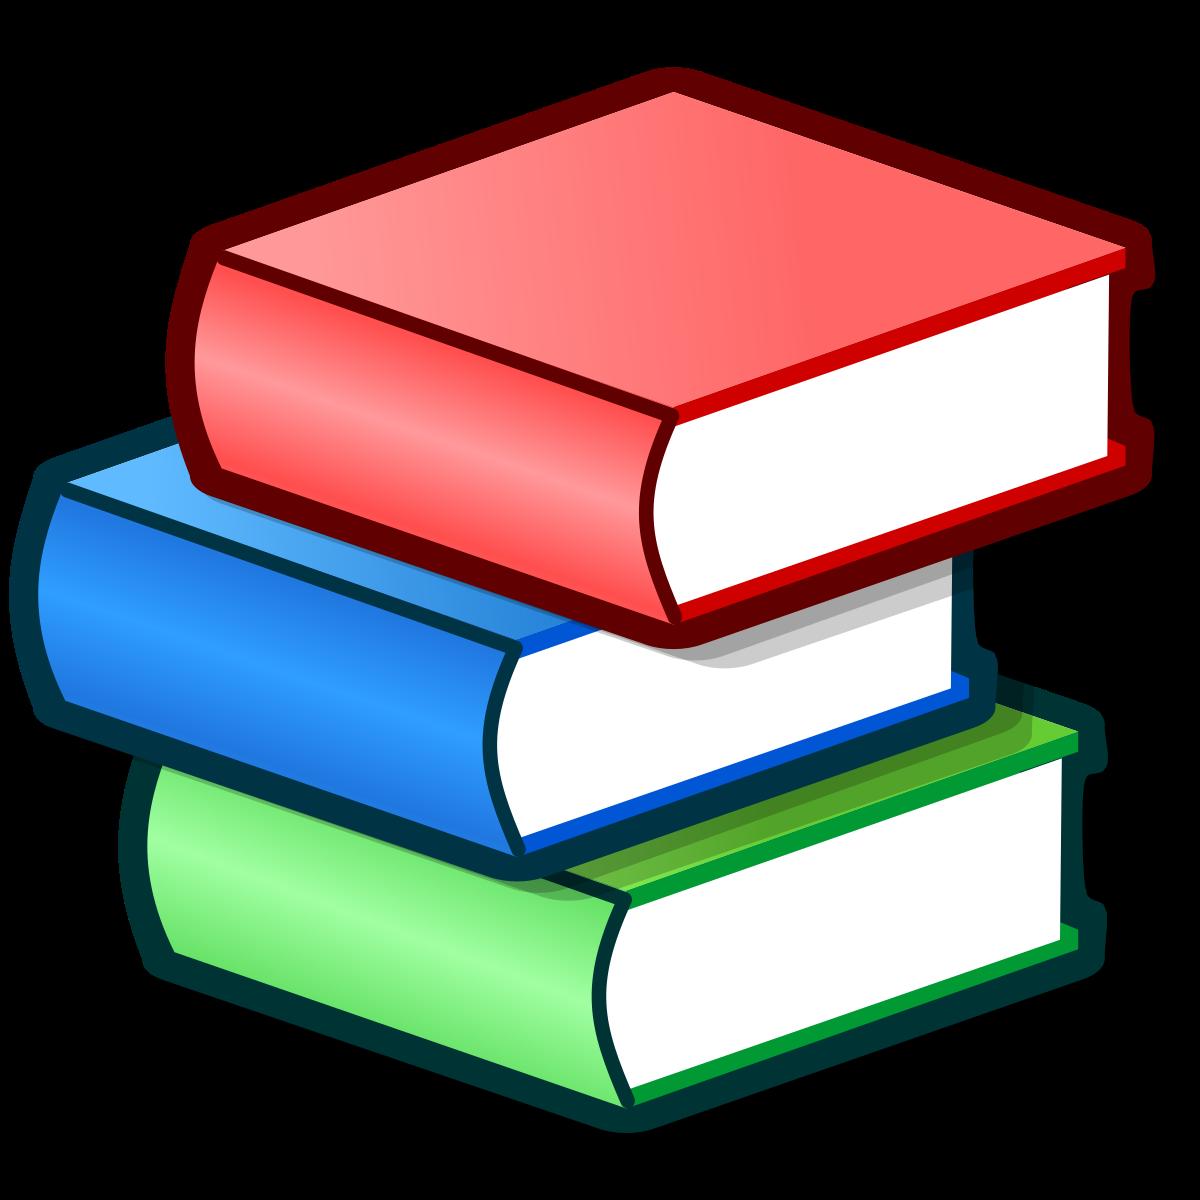 財團法人東海大學附屬高級中等108學年度教科書採用版本一覽表